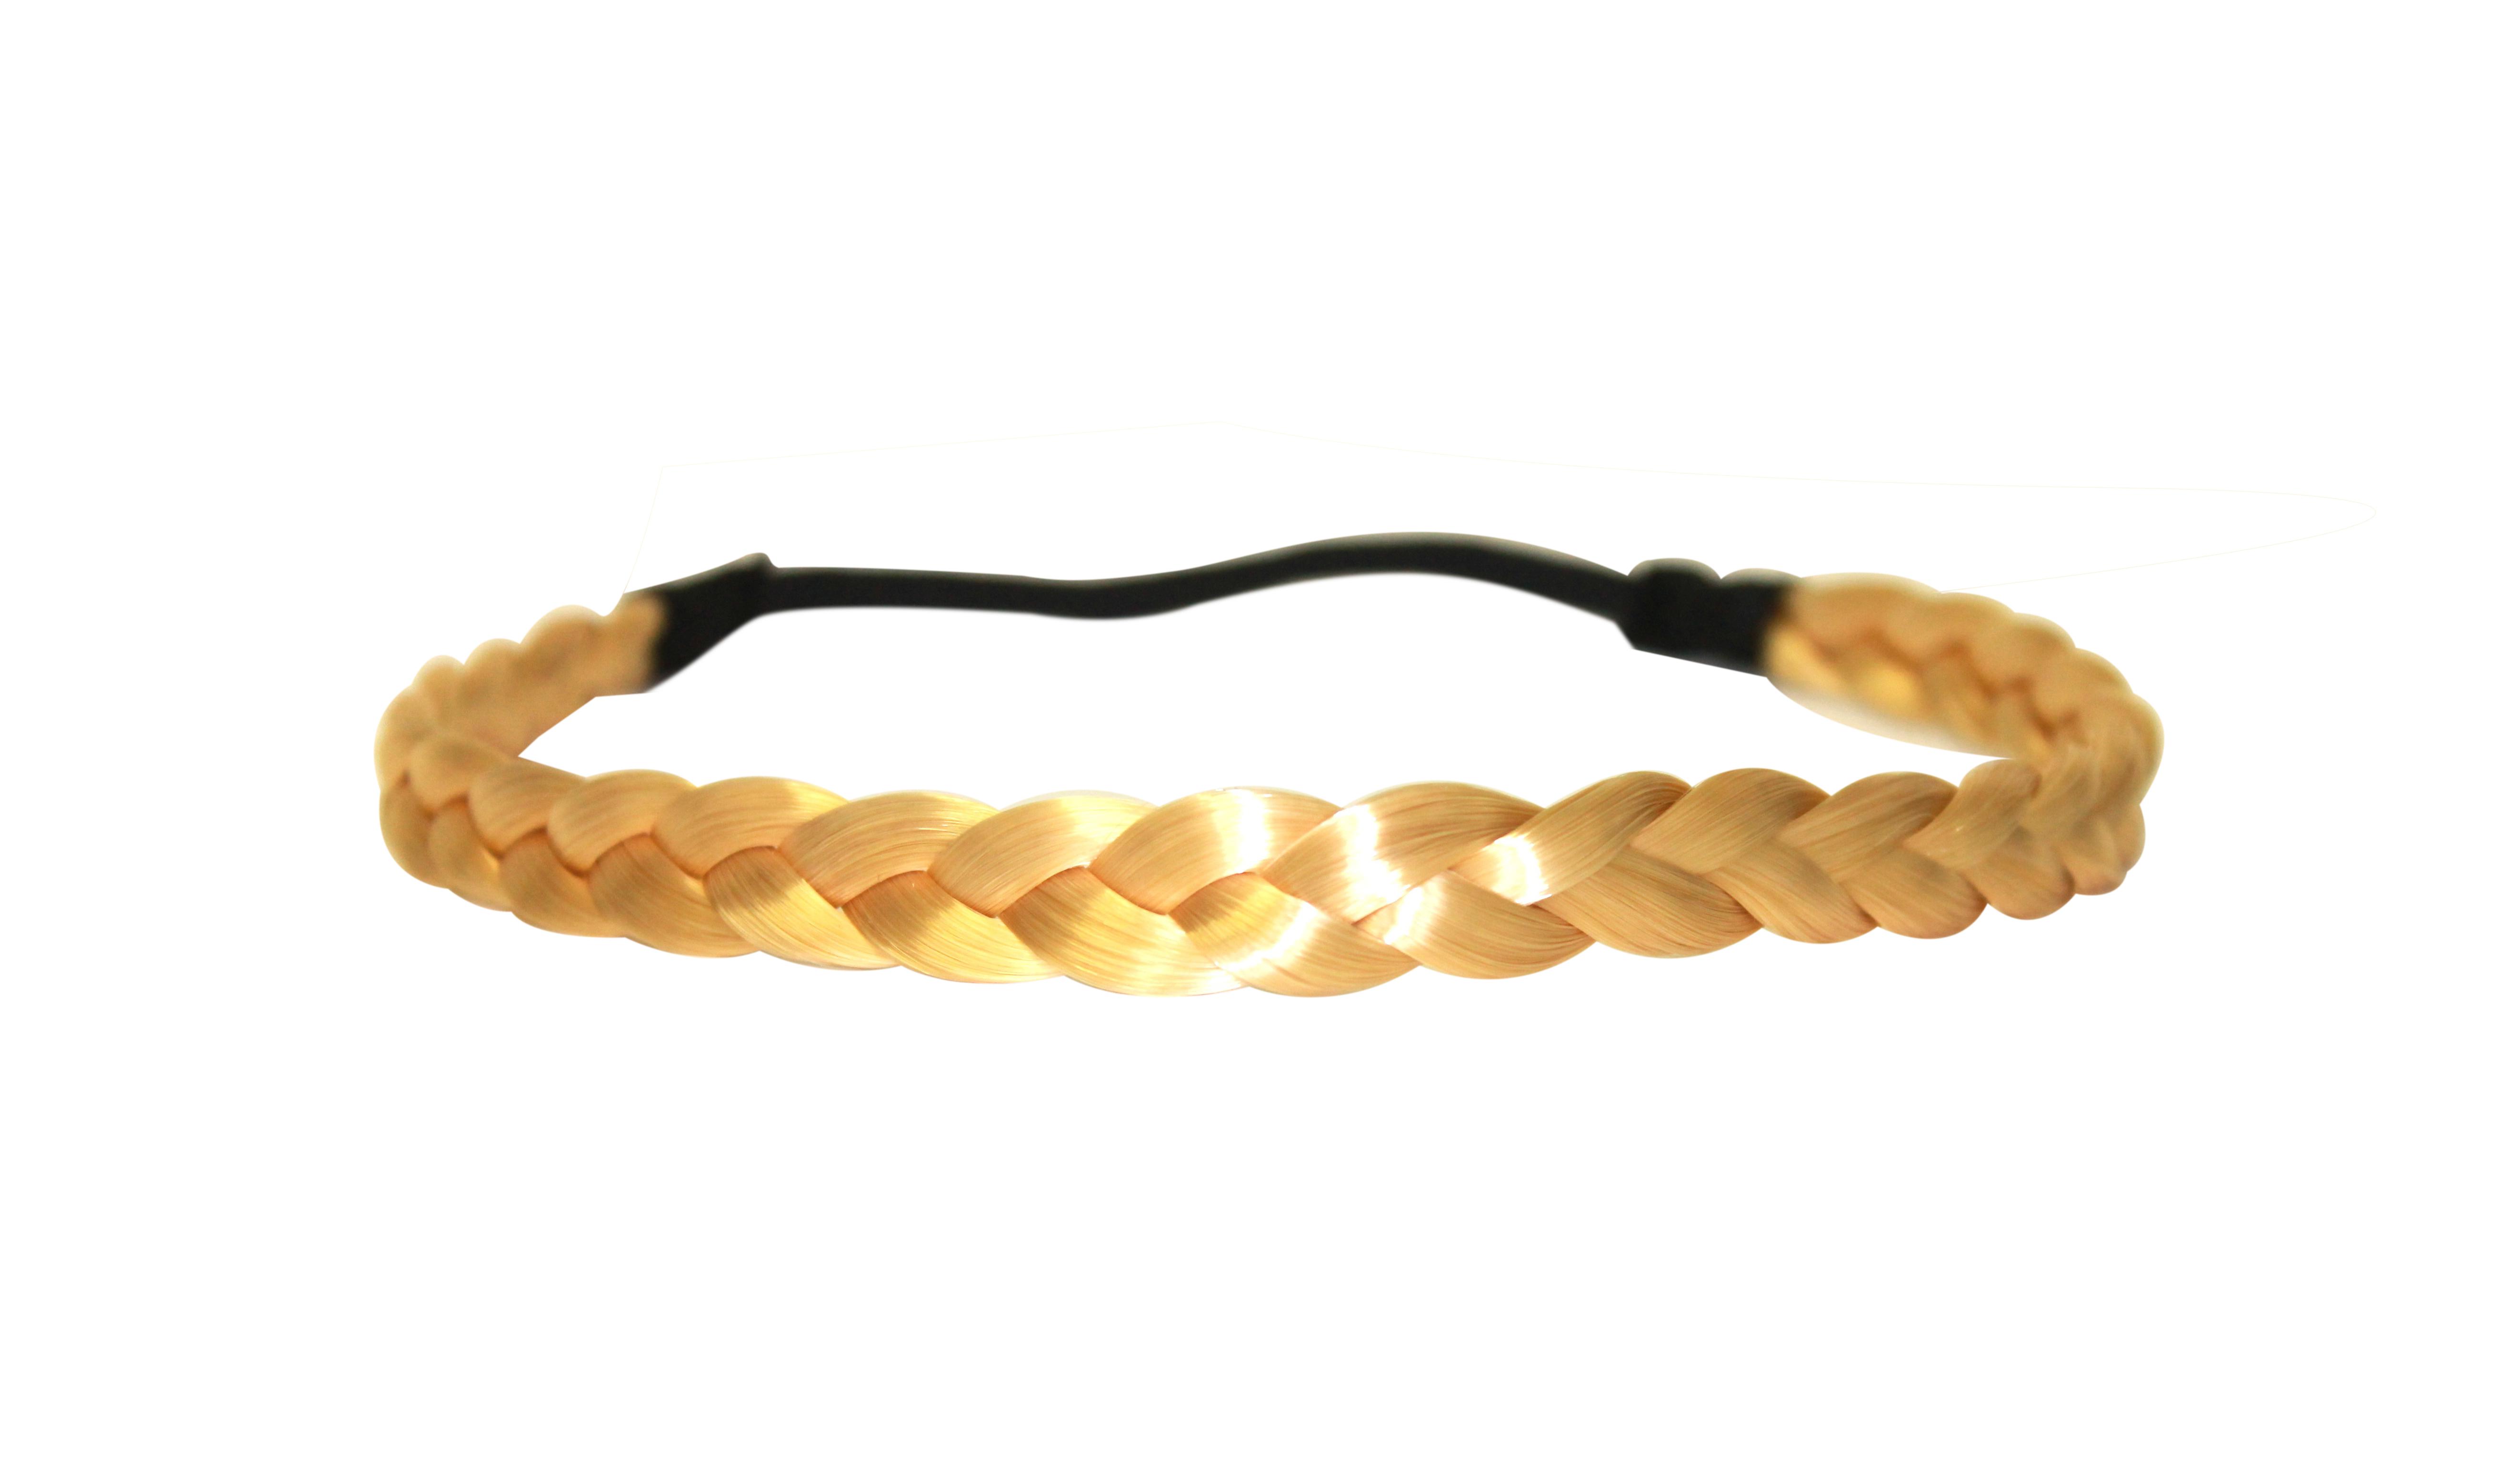 958078a7e6bb6c Haarband geflochten Zopf elastisches Haarband Haaraccessoire Haarteil  Stirnband Extensions Kunsthaar in goldblond